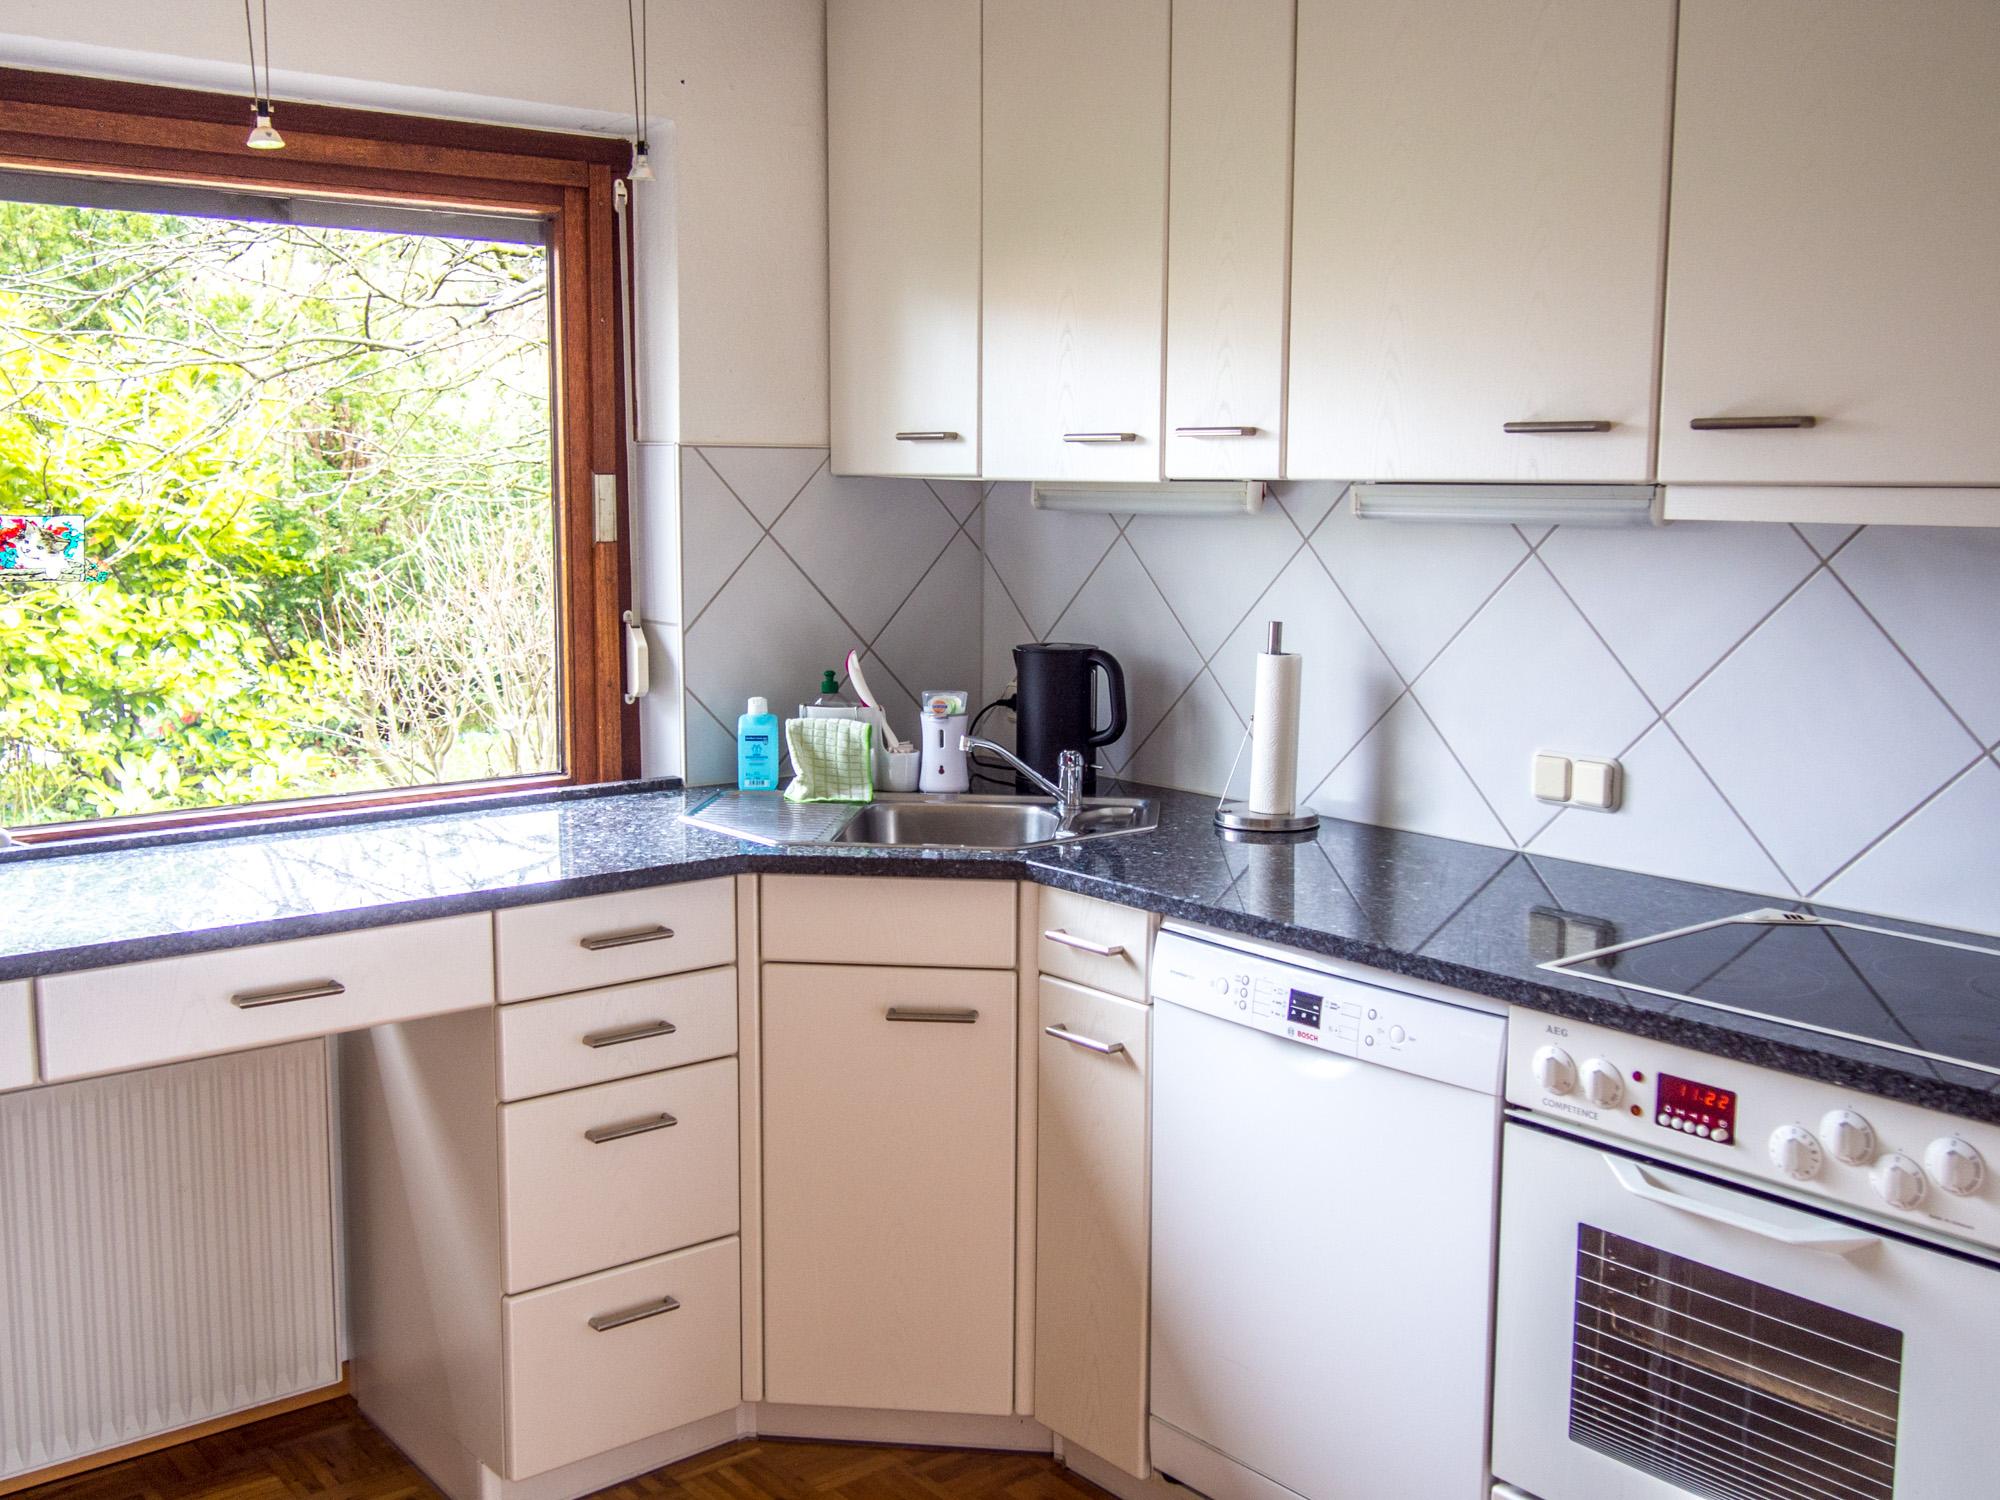 Kiveda Küchen blick hinter die kulissen meine küche meine traumküche werbung